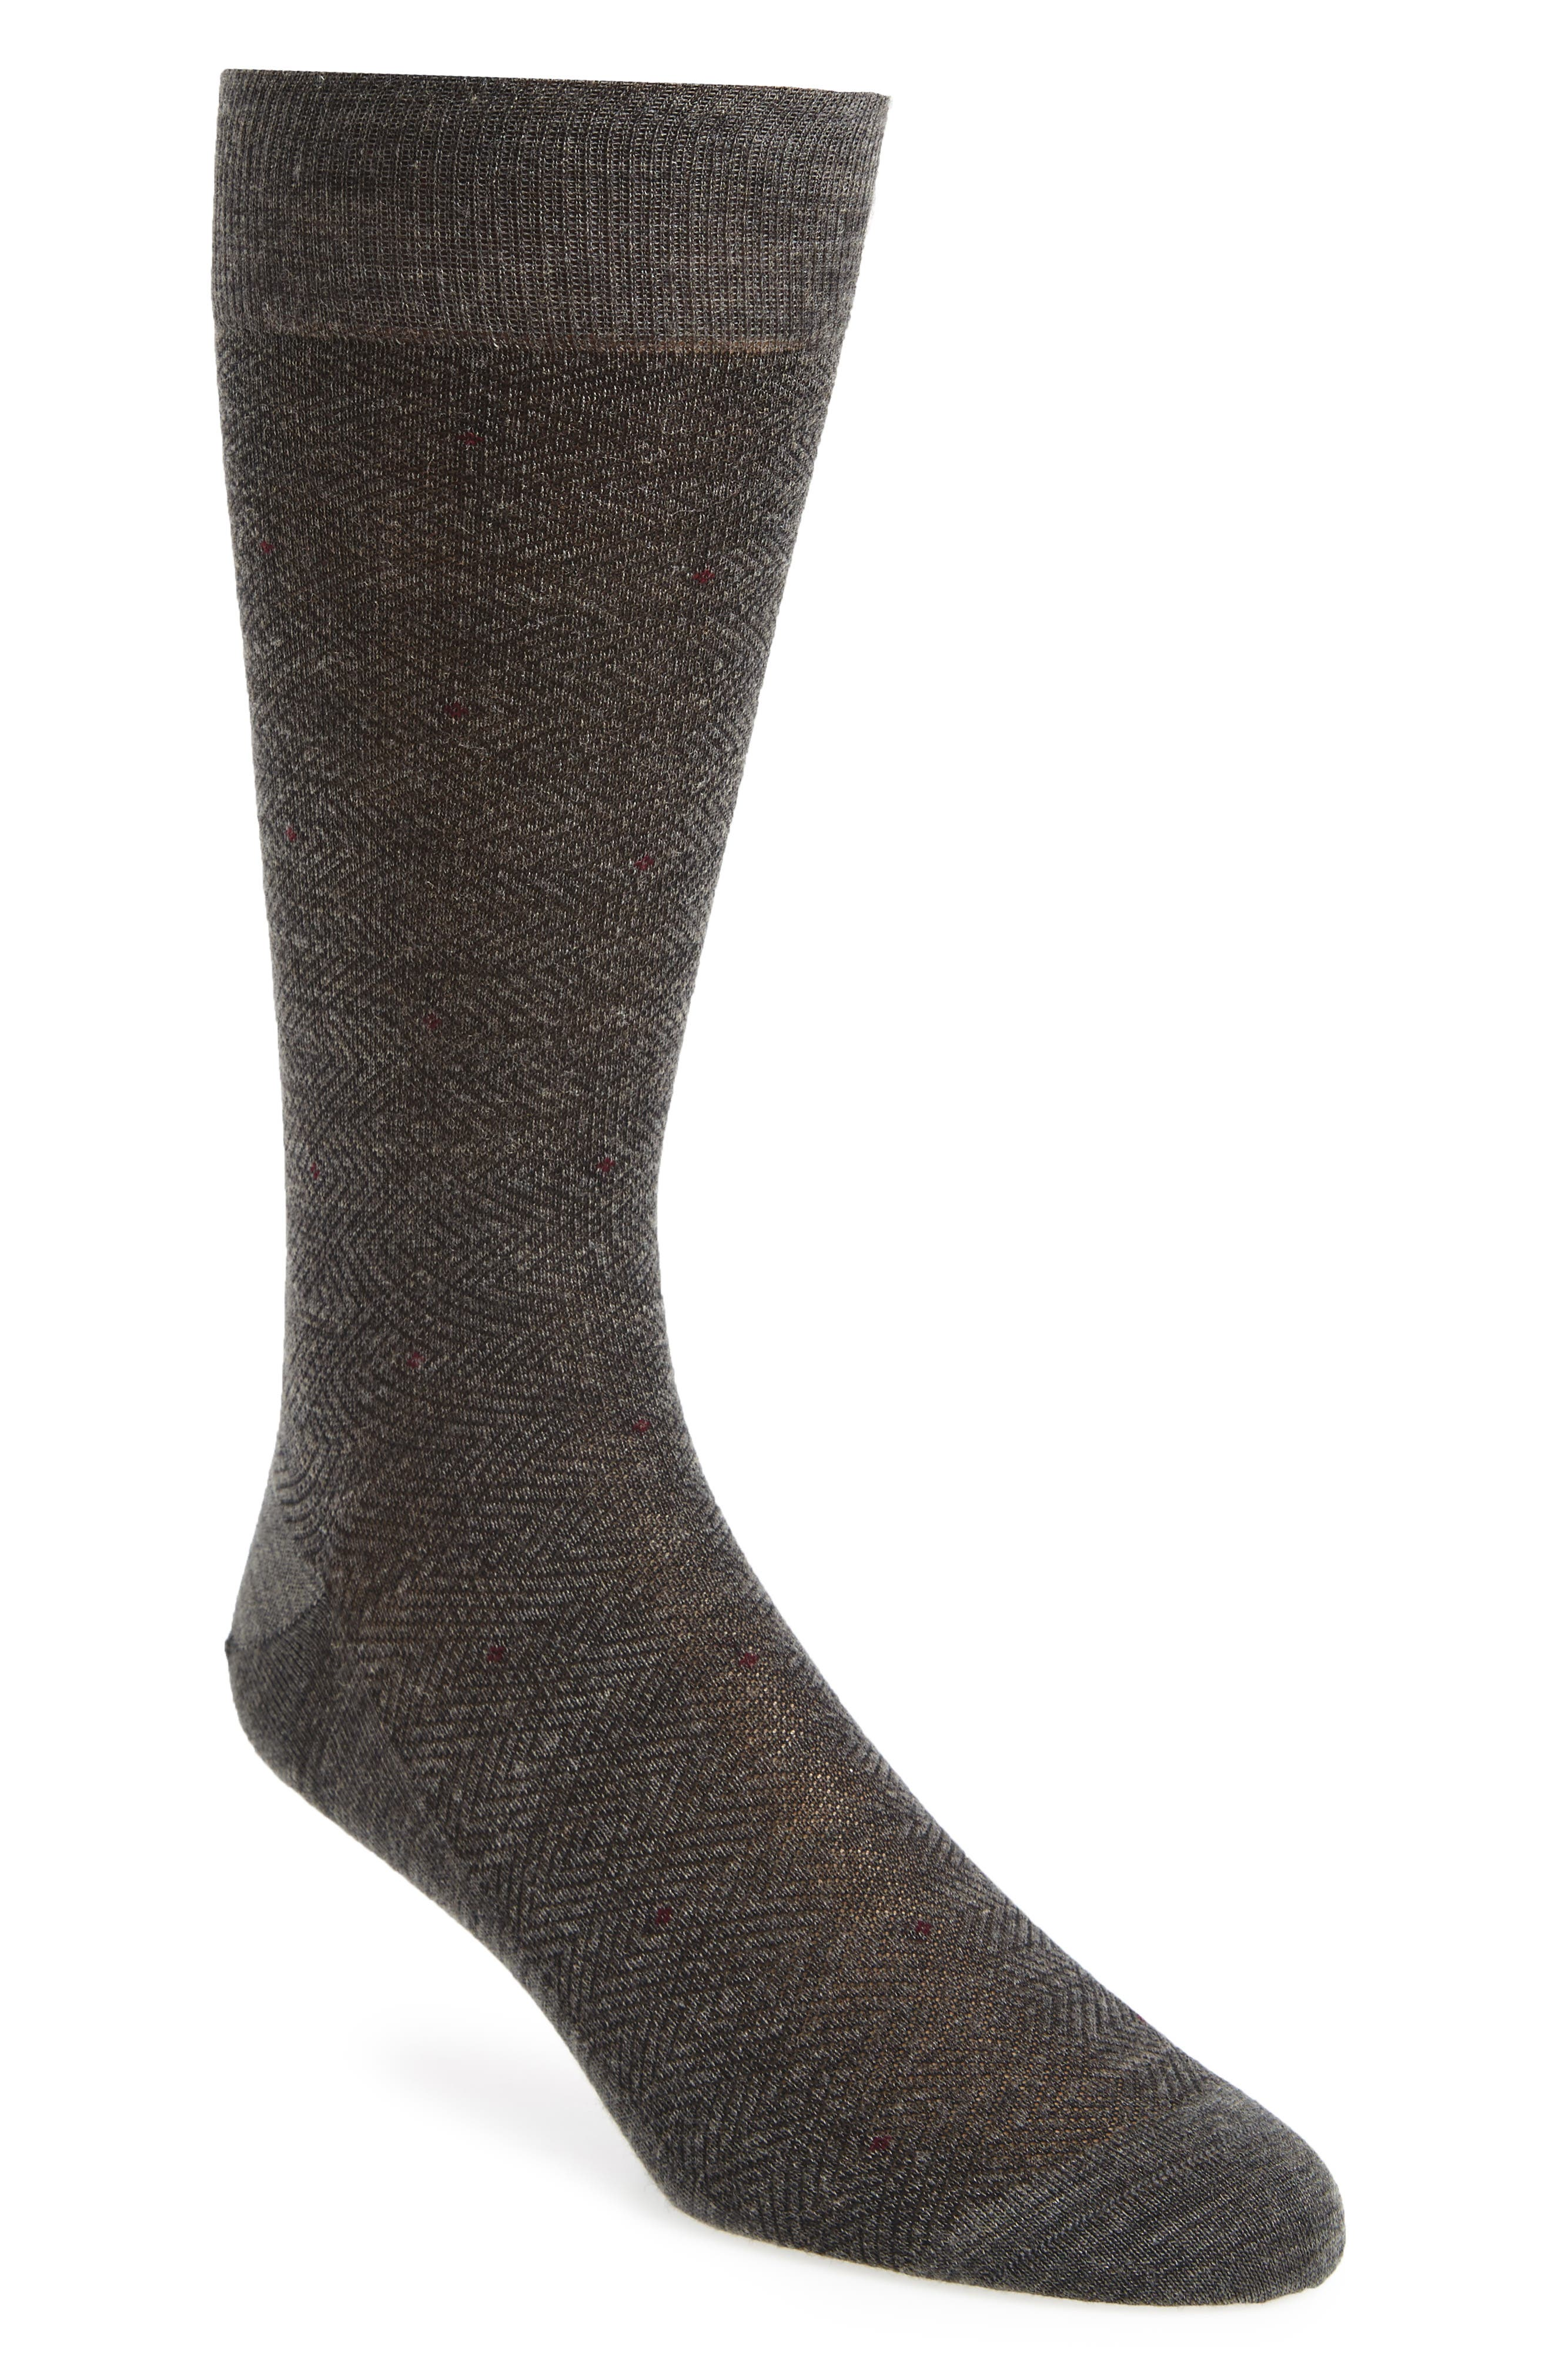 Pantherella Merino Wool Blend Socks